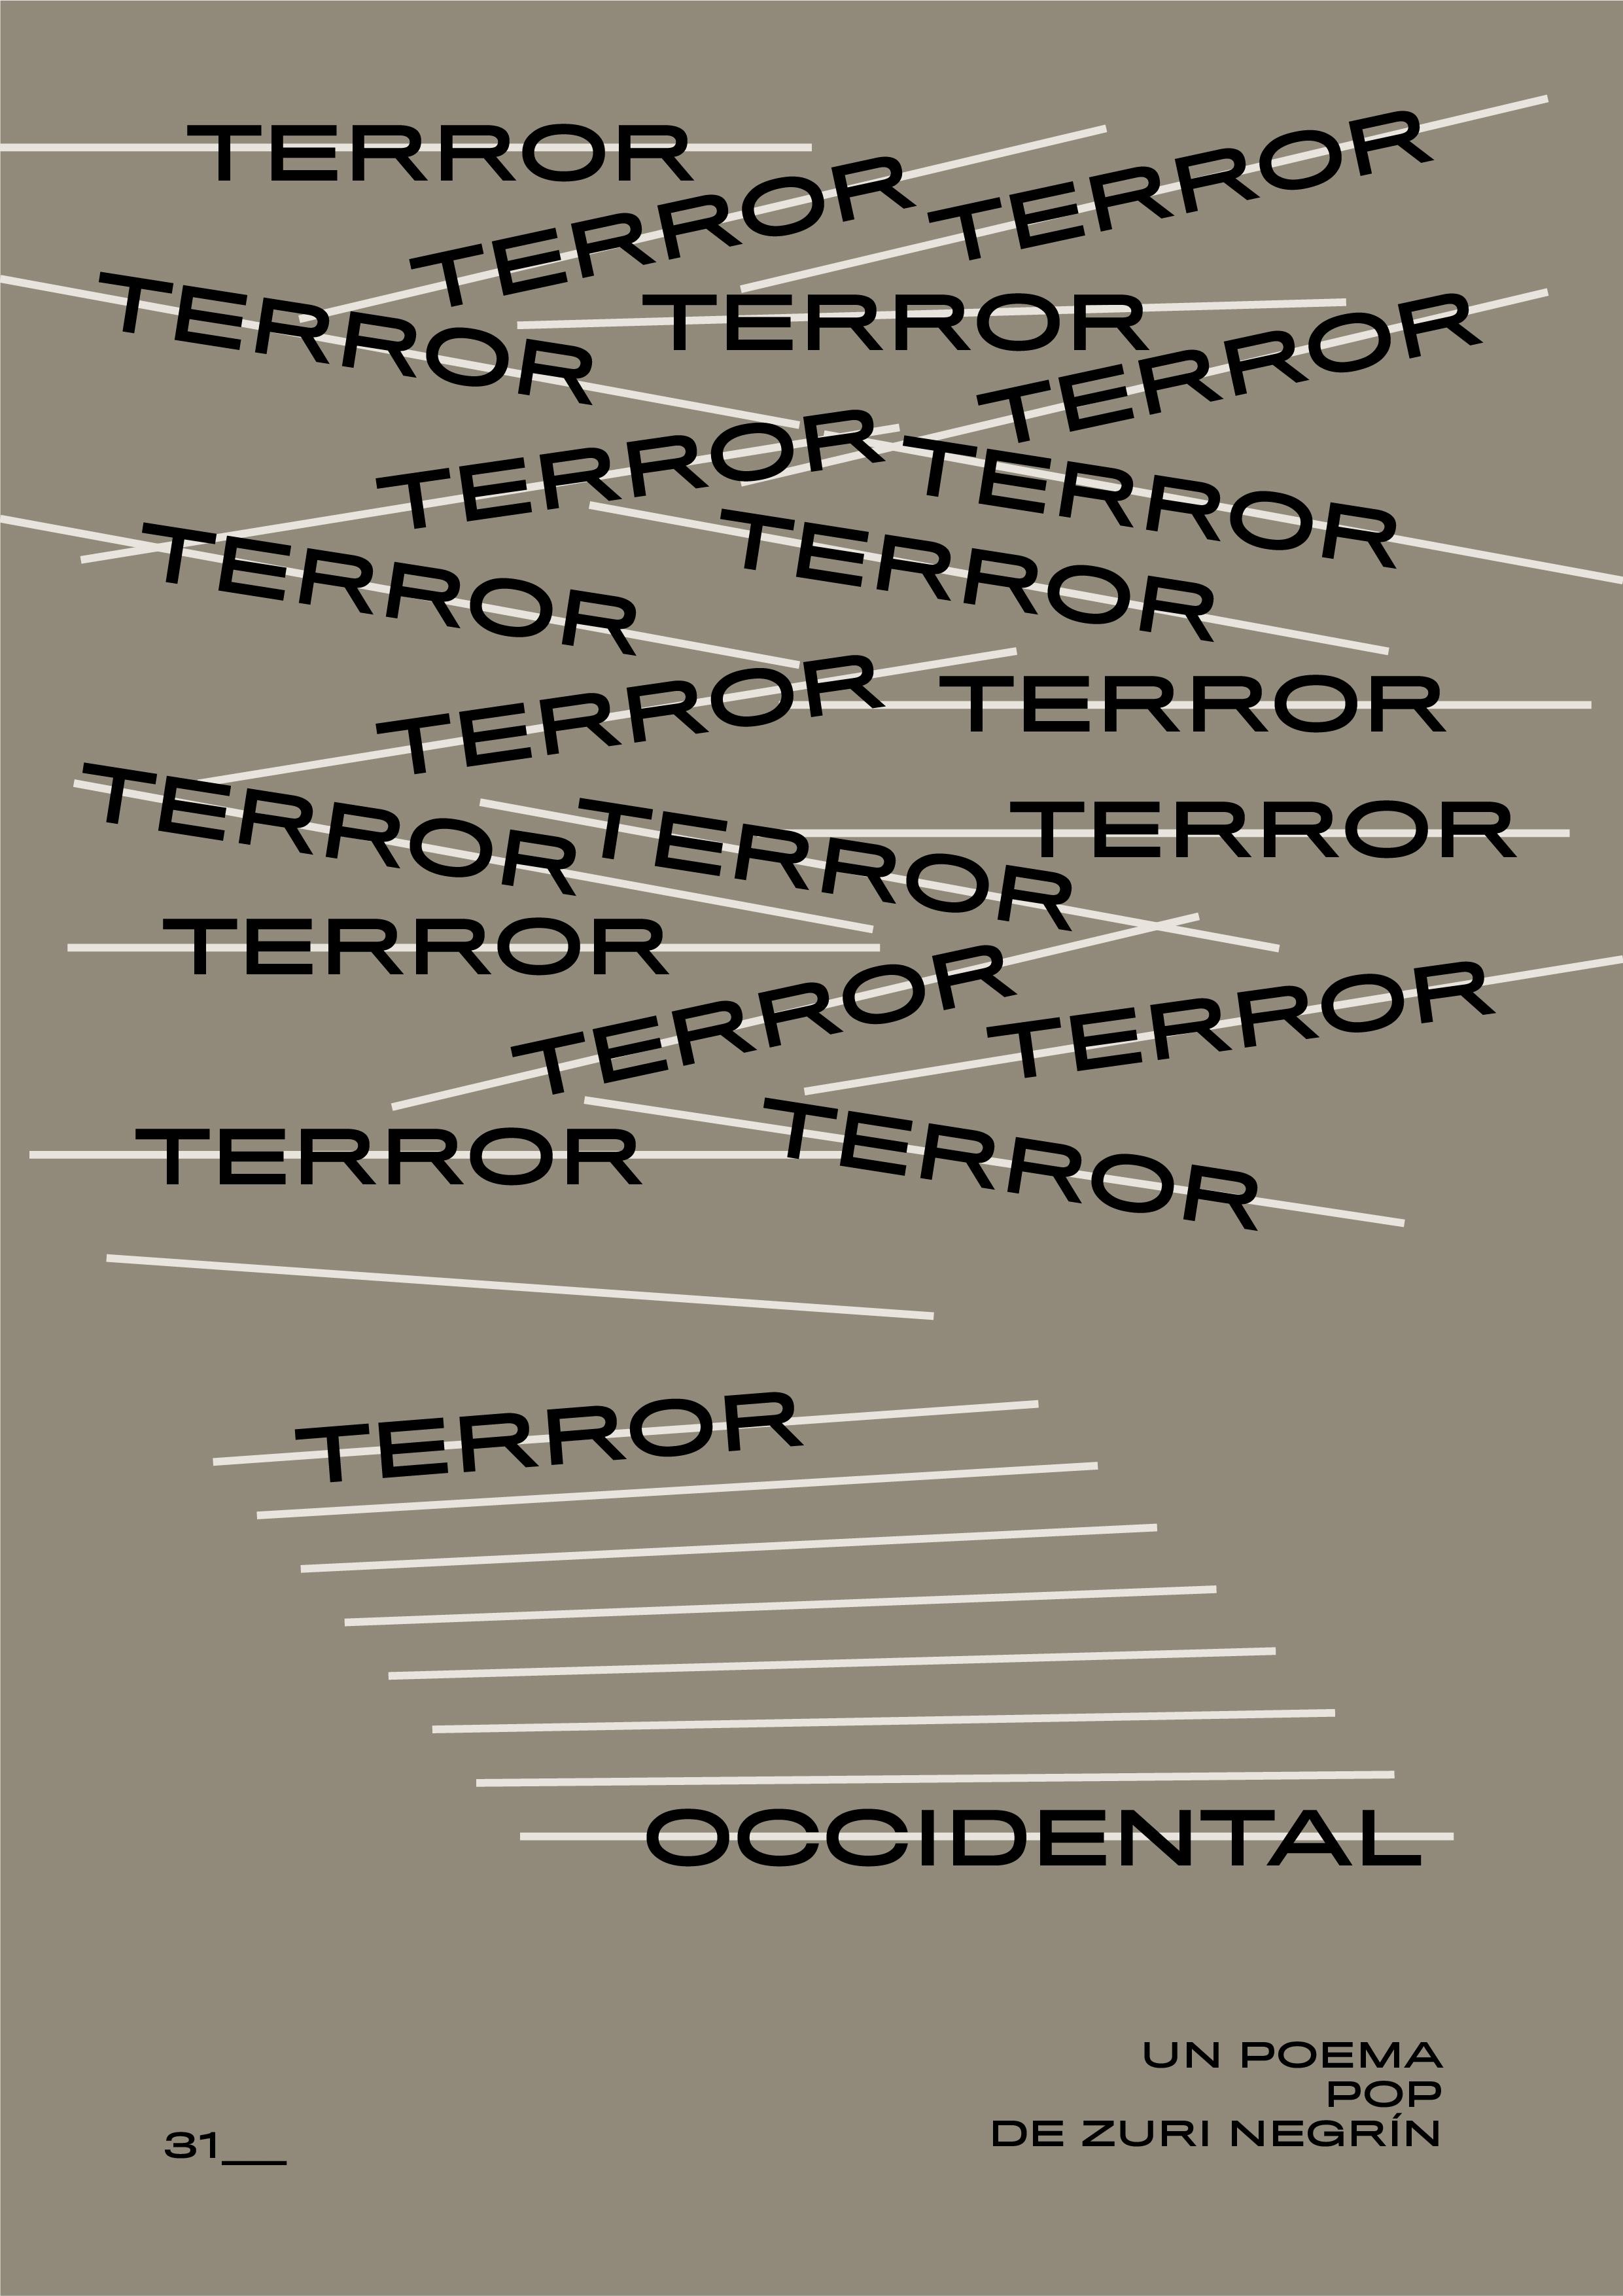 POP_31 Terror occidental